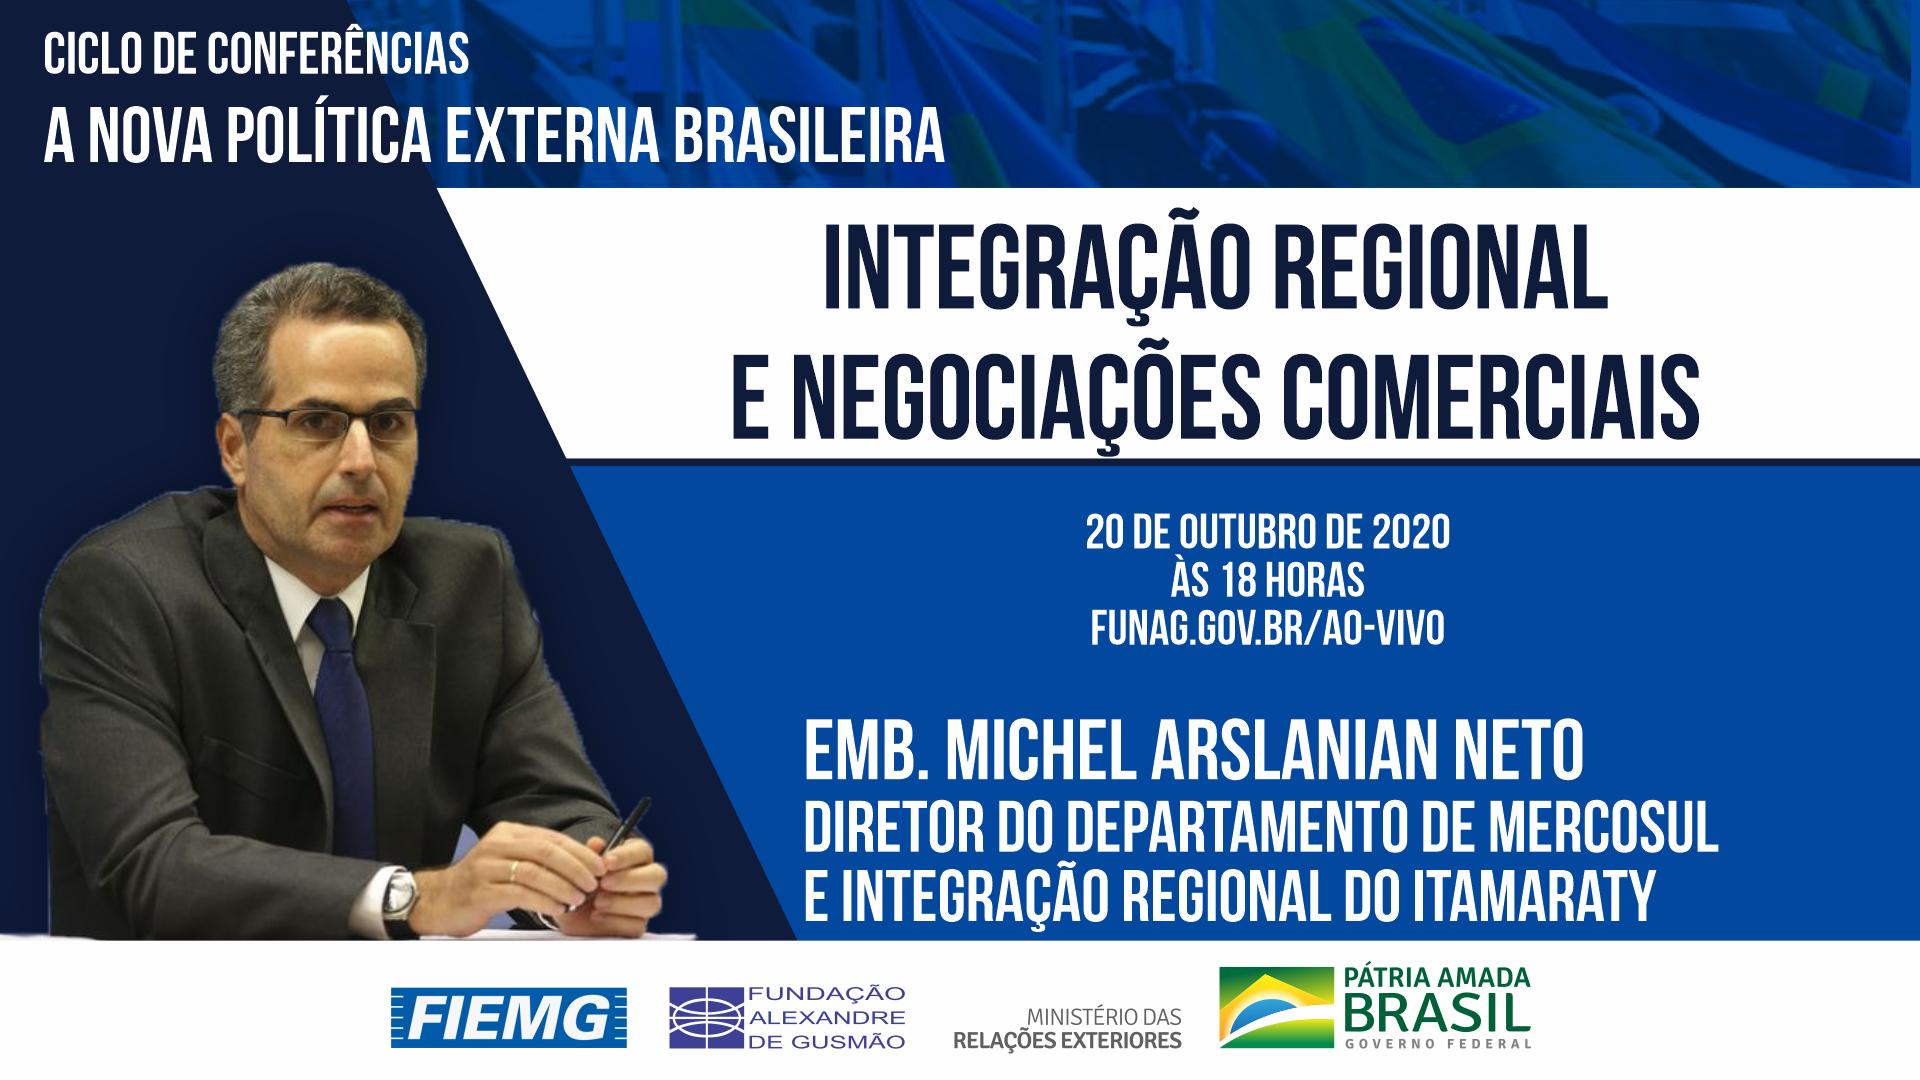 FUNAG promove conferência do diretor de Departamento de MERCOSUL e Integração Regional do Itamaraty